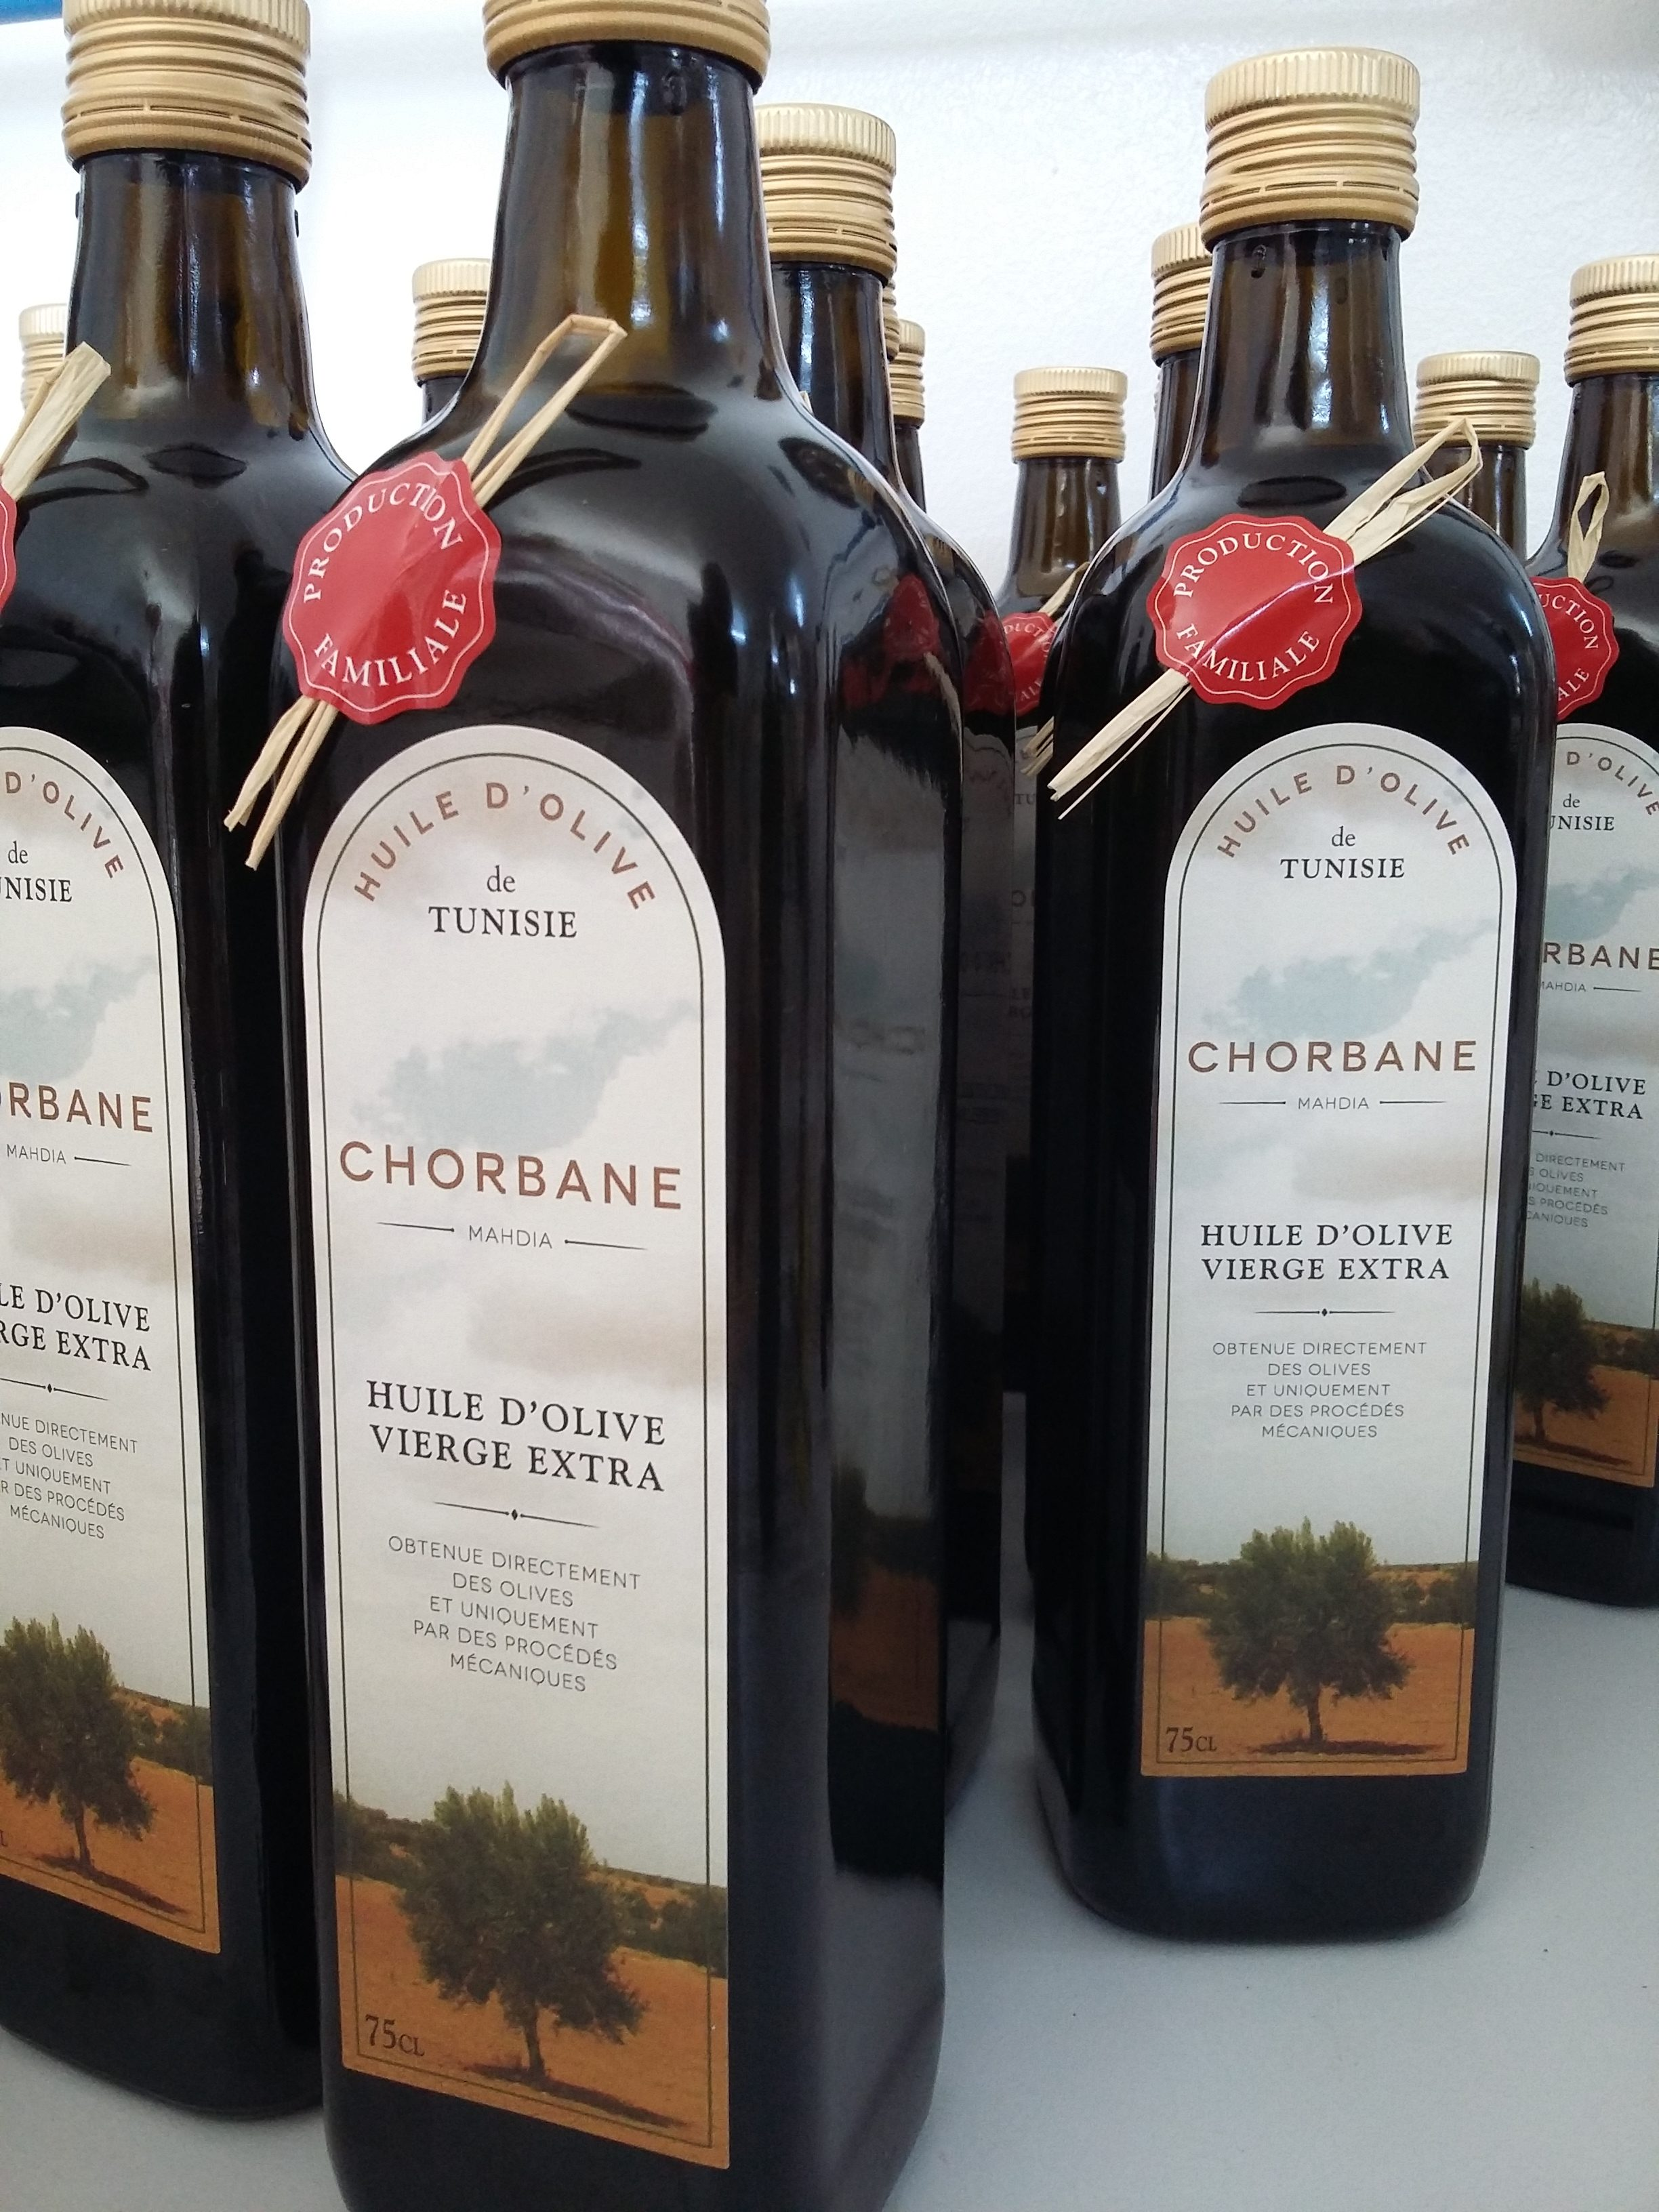 Notre huile d'olive nouvelle est arrivée